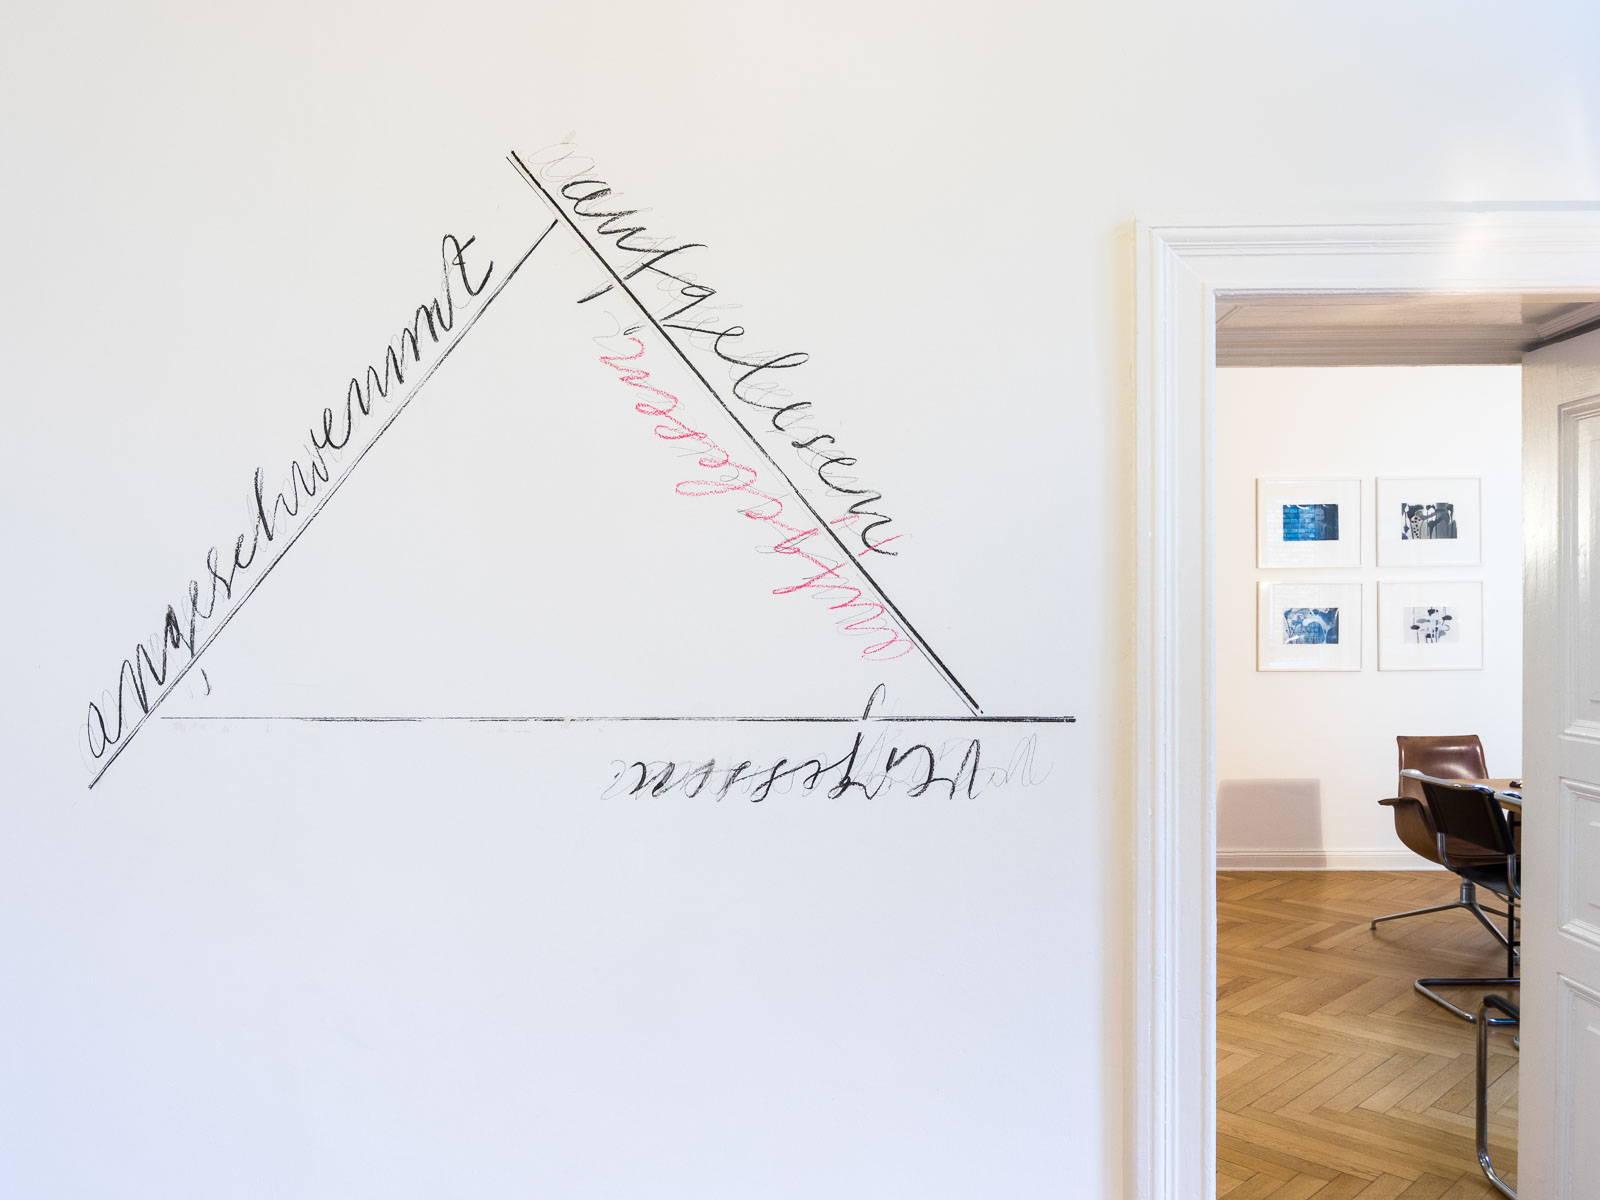 Wall drawing, Lothar Baumgarten - Antiquariat Marco Gietmann, Berlin